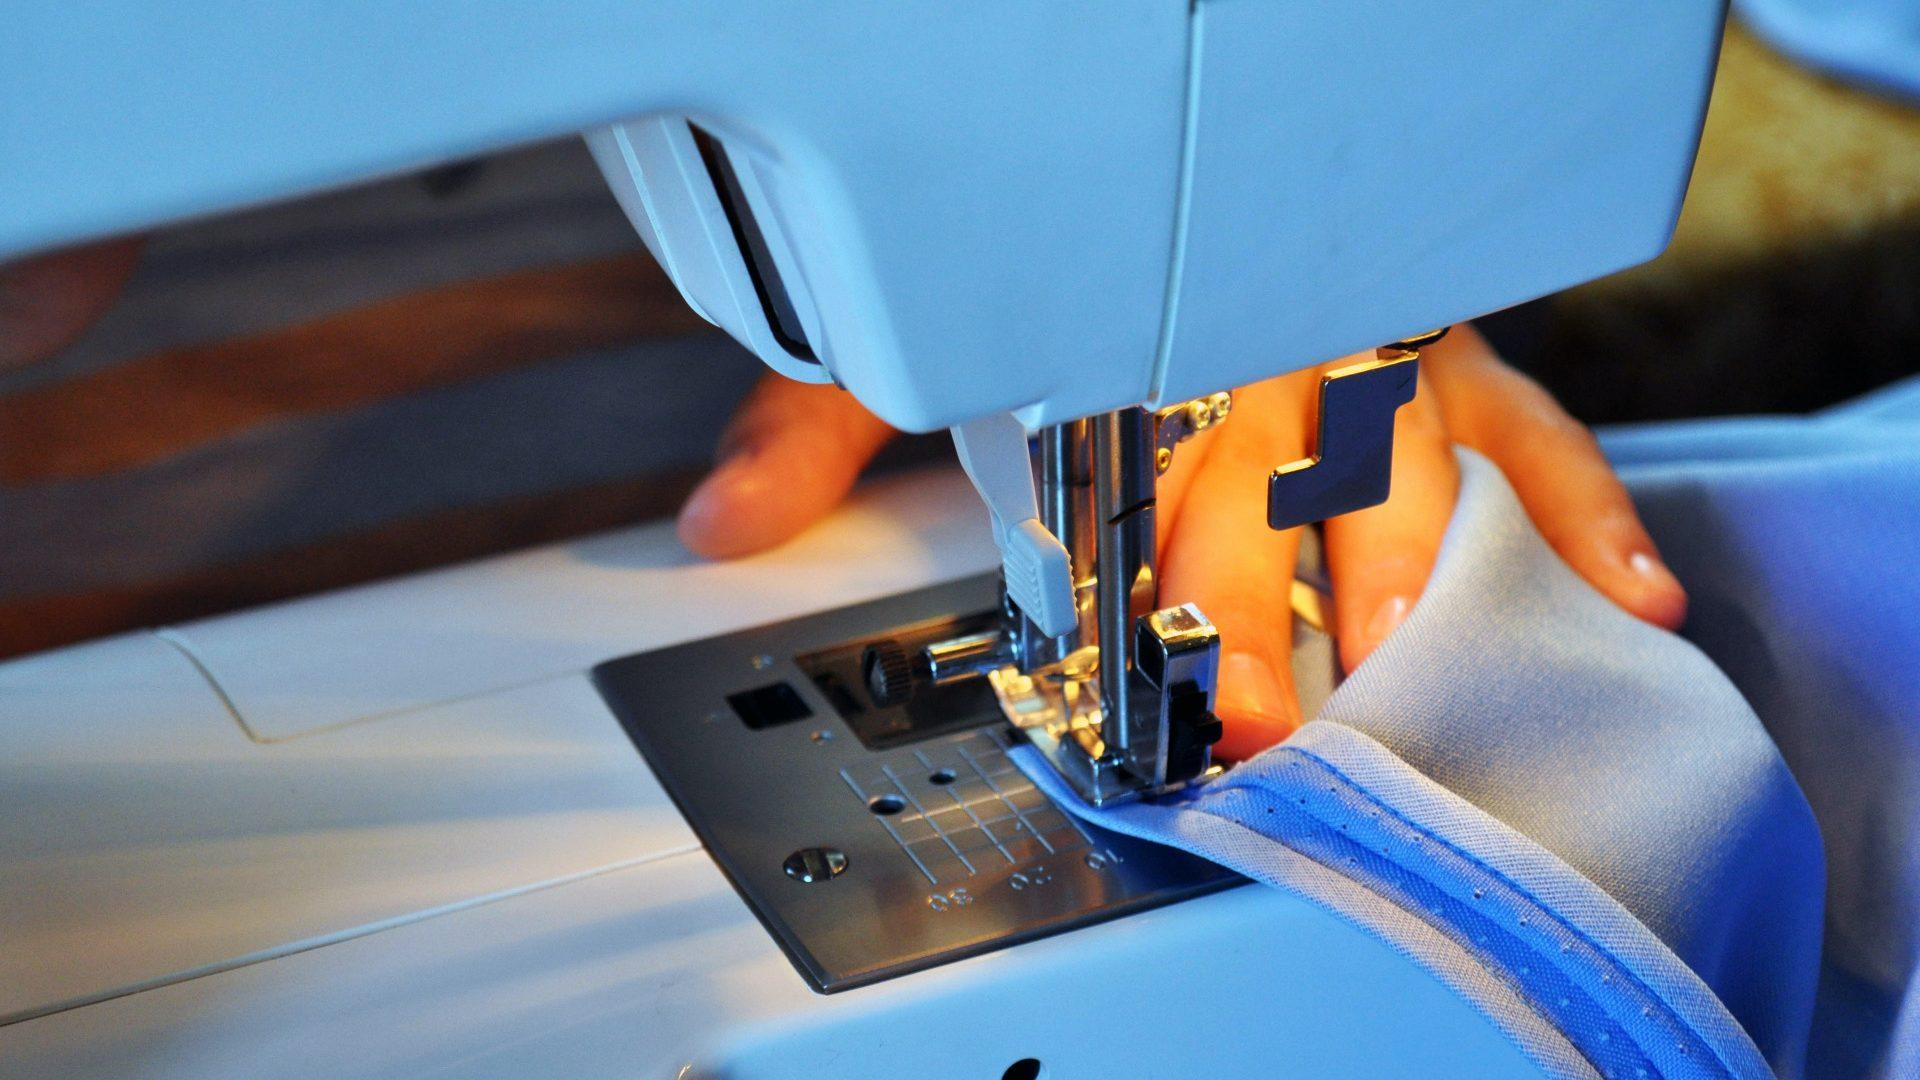 Sewing Machine- cLose up